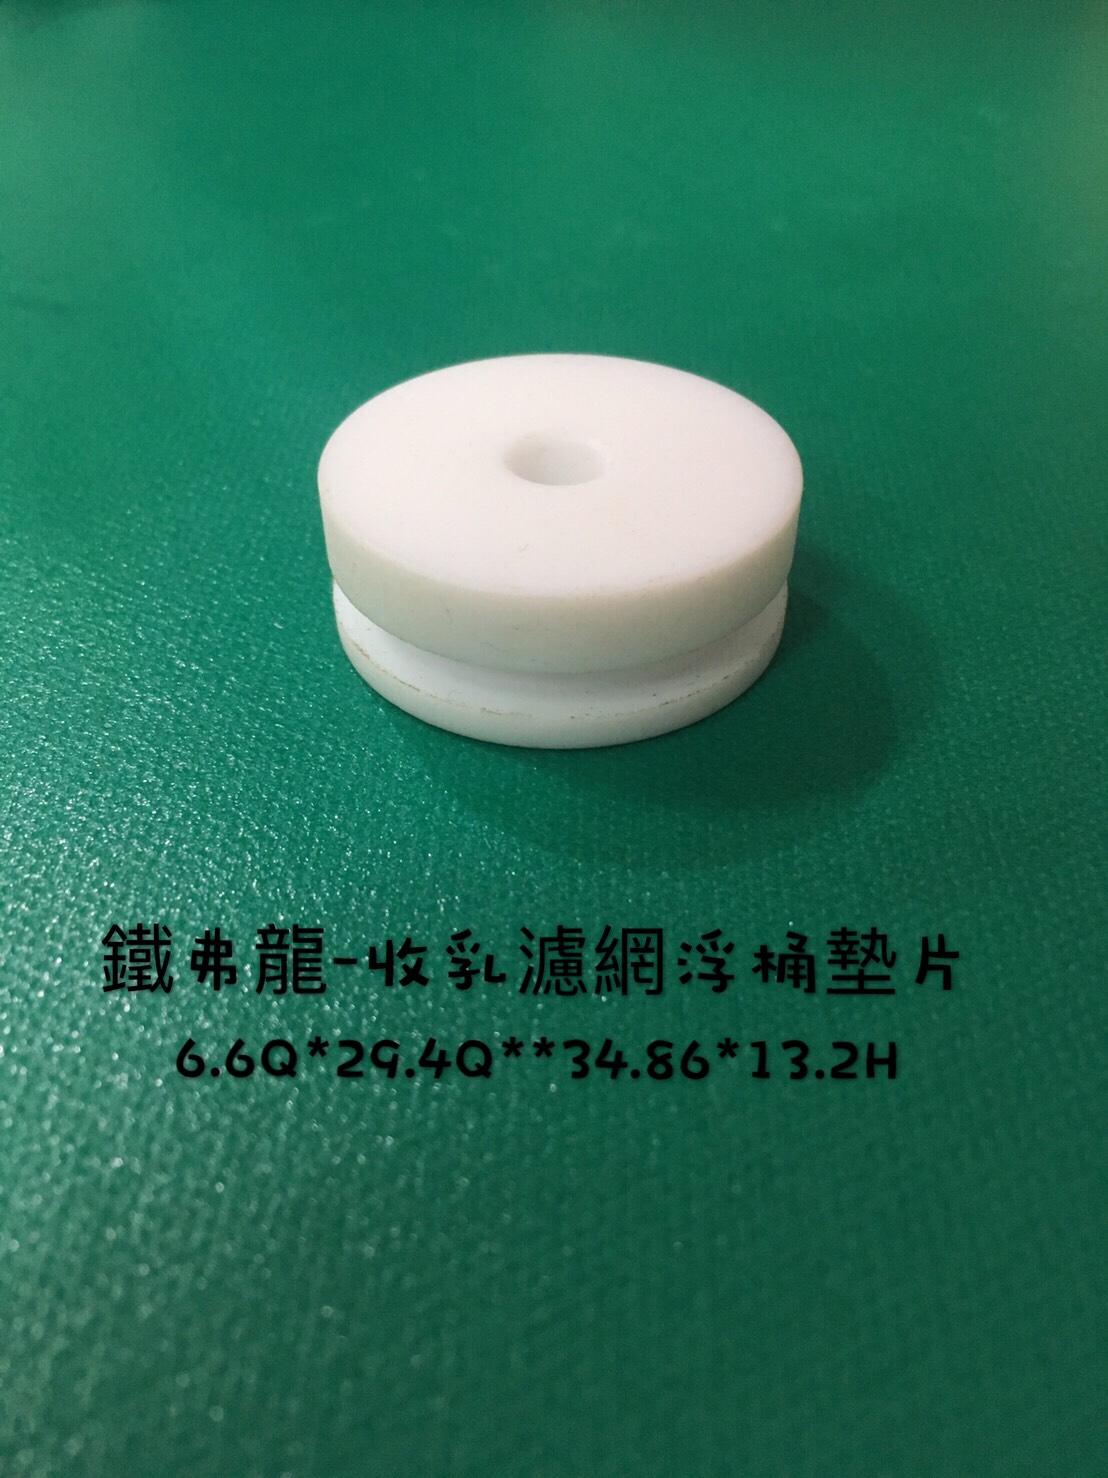 1060125統一-劉康宇-鐵弗龍收乳濾網浮桶墊片 D110-6.6-9.4-34.86-13.2